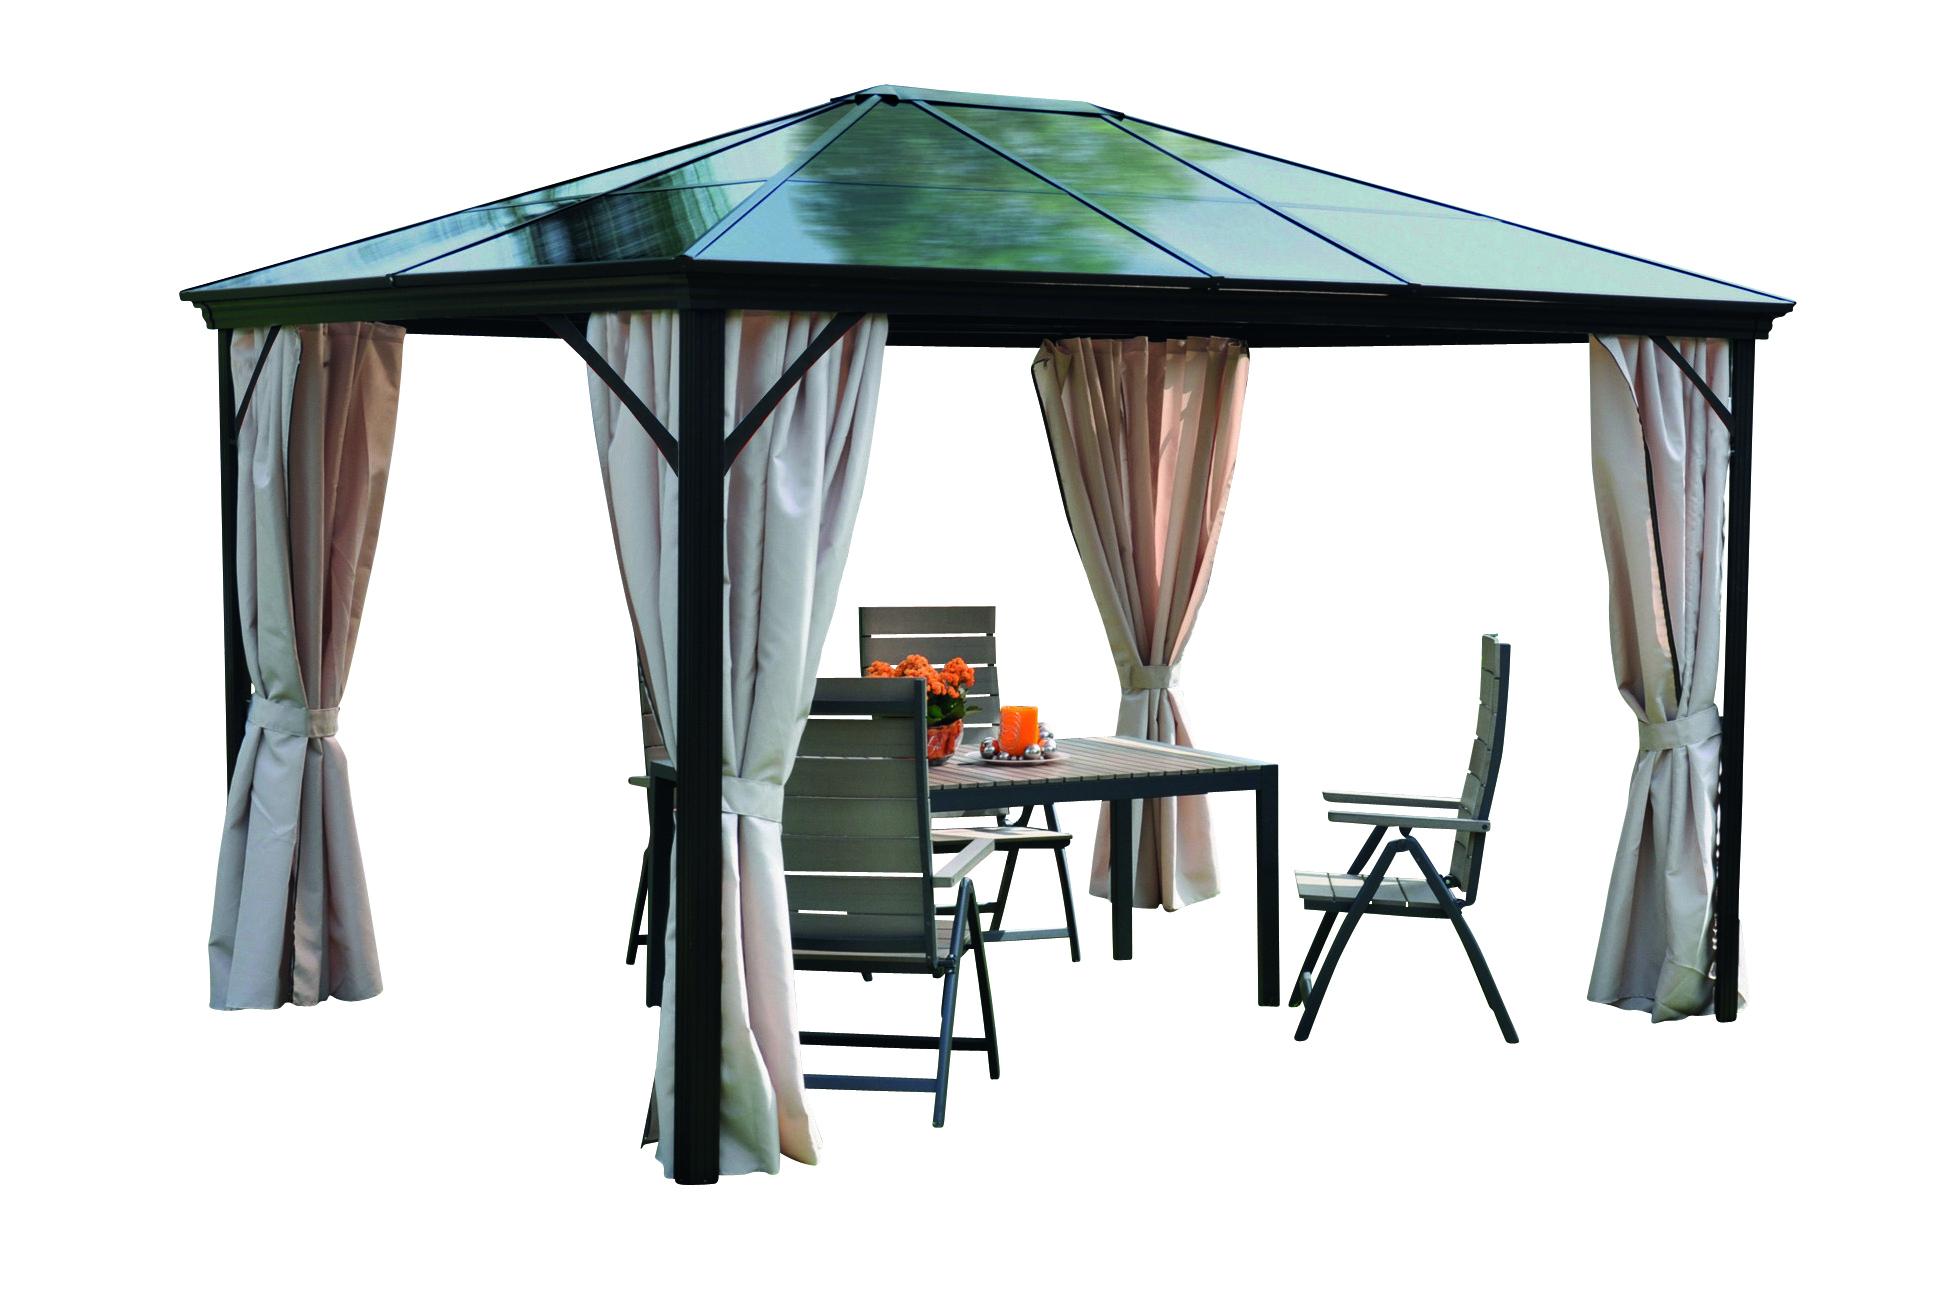 leco profi pavillon seitenteile 3 x 3 65m sonnenschutz festzelt partyzelt ebay. Black Bedroom Furniture Sets. Home Design Ideas